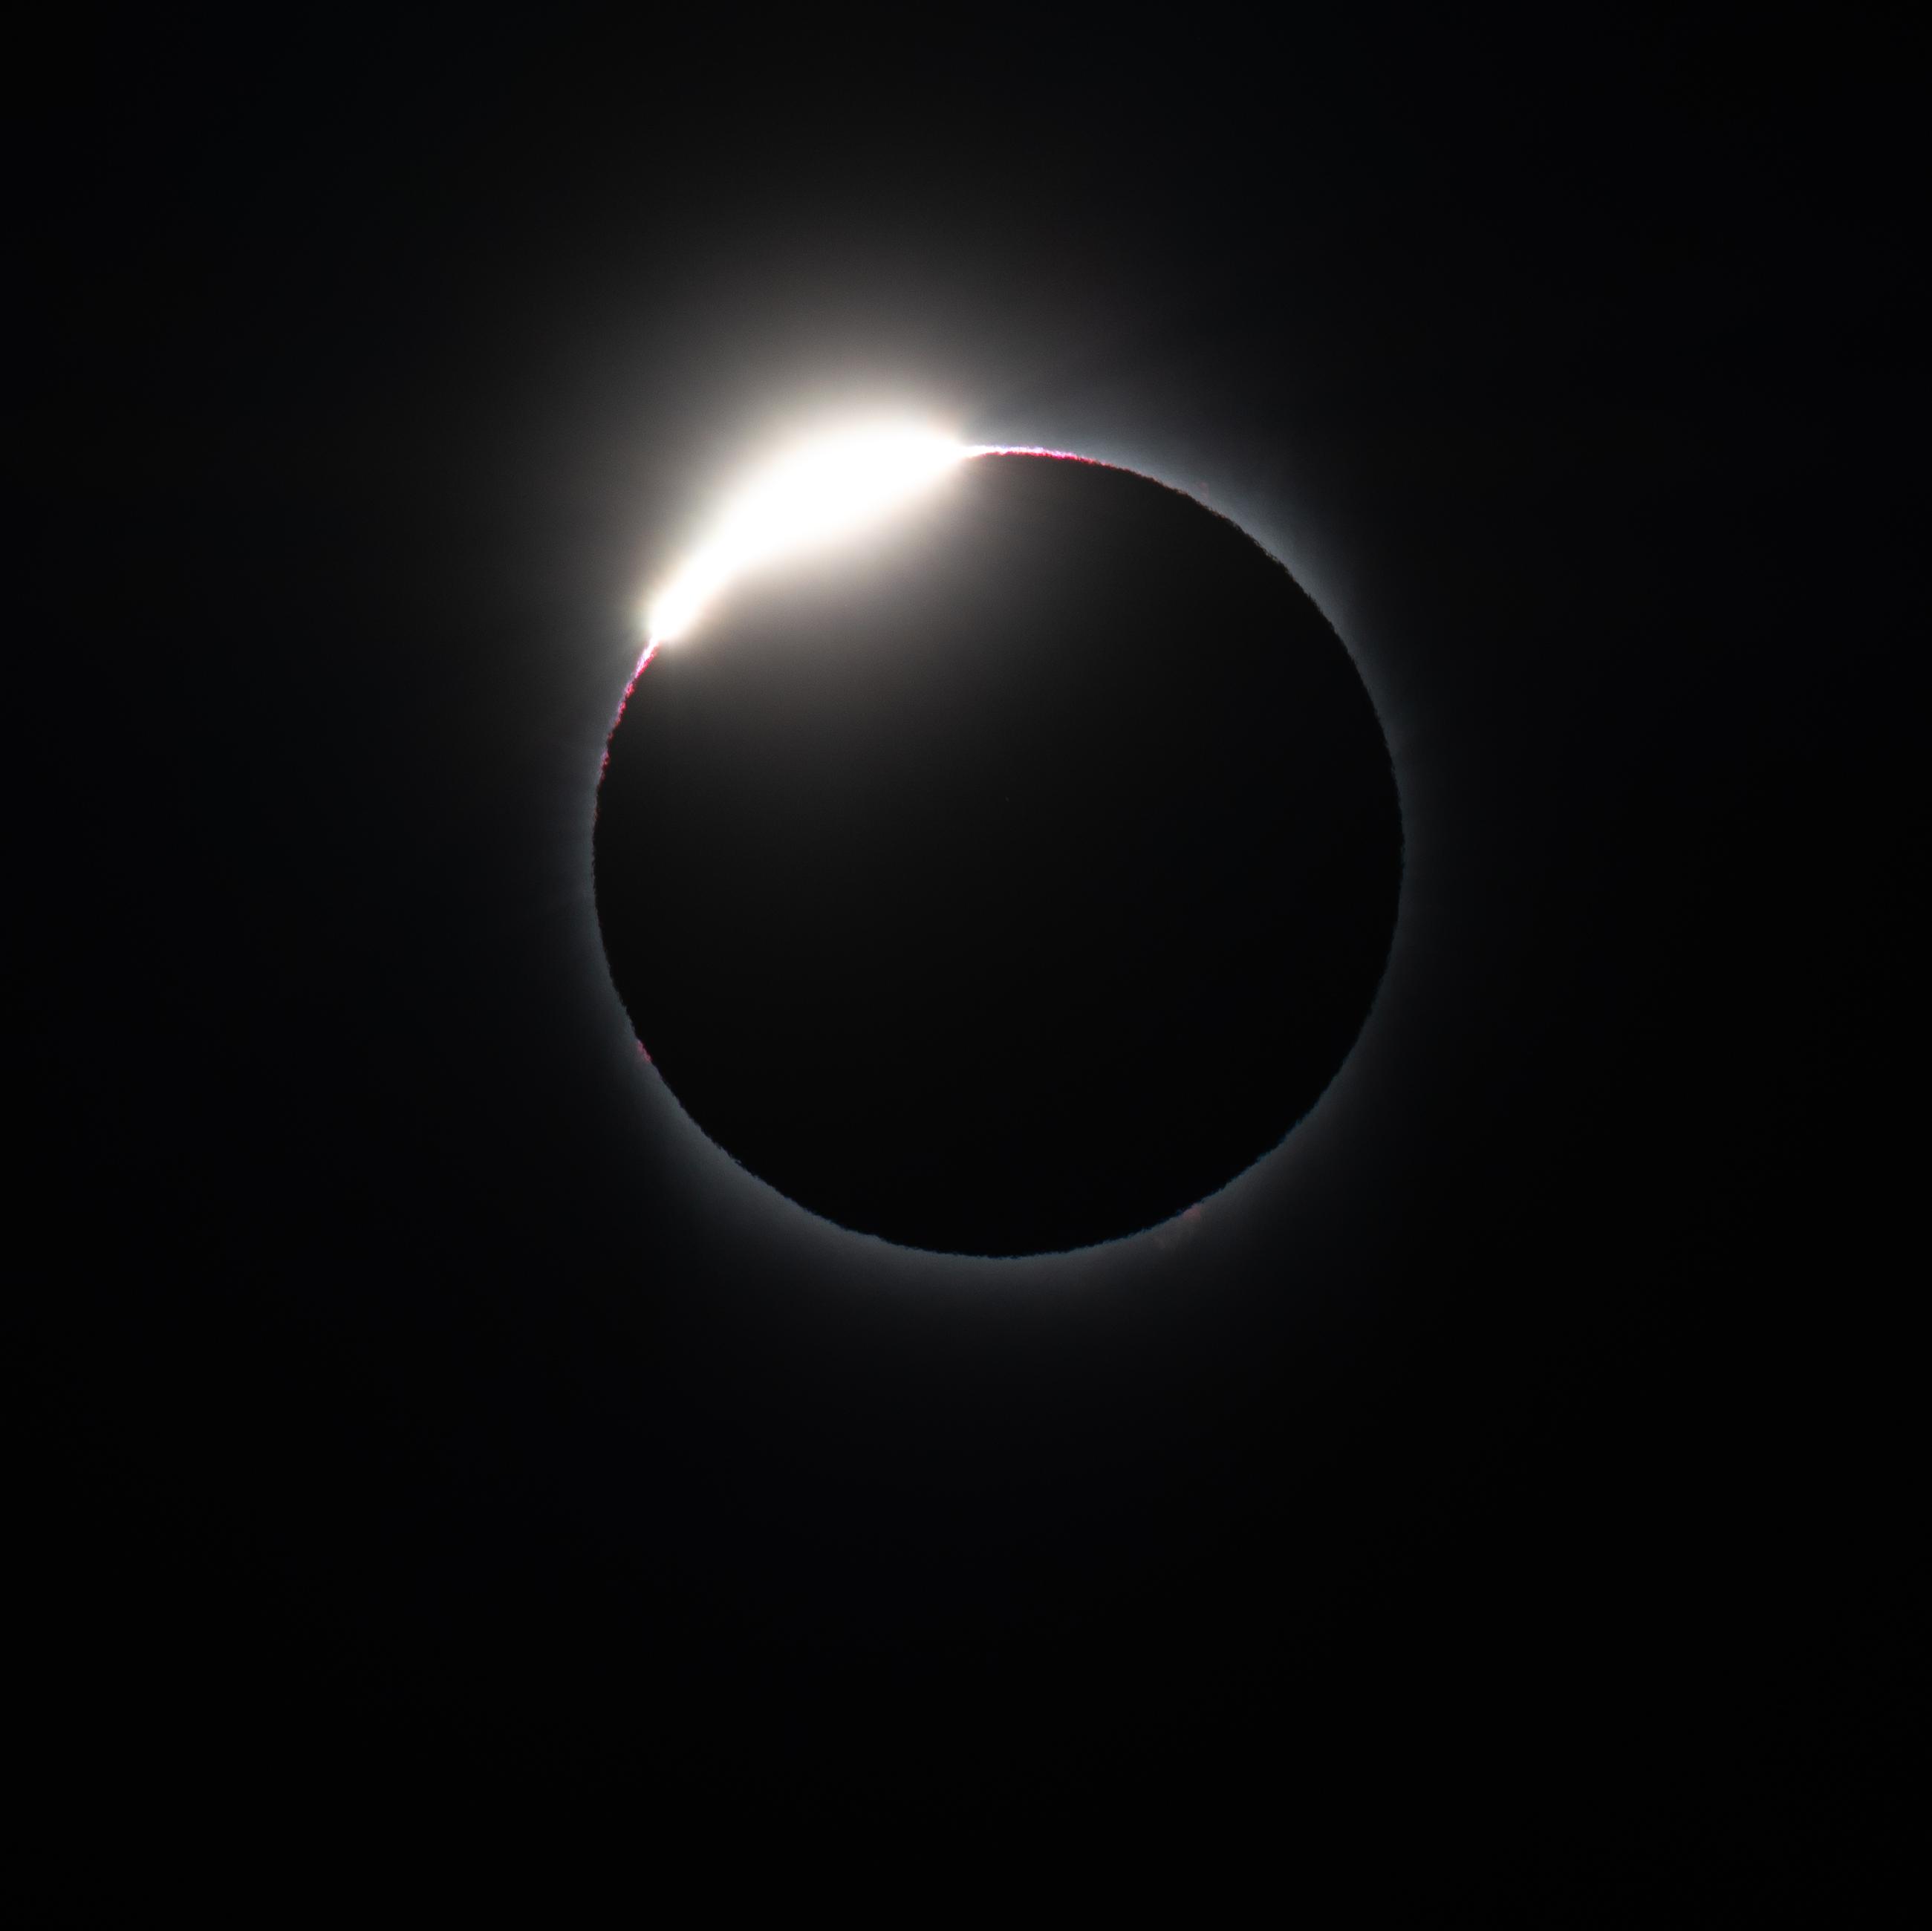 2019solareclipsevideoframes-psb_0020_dsc_1301-nef-360fe82edfb74387d5518c7d197a3604378c5986